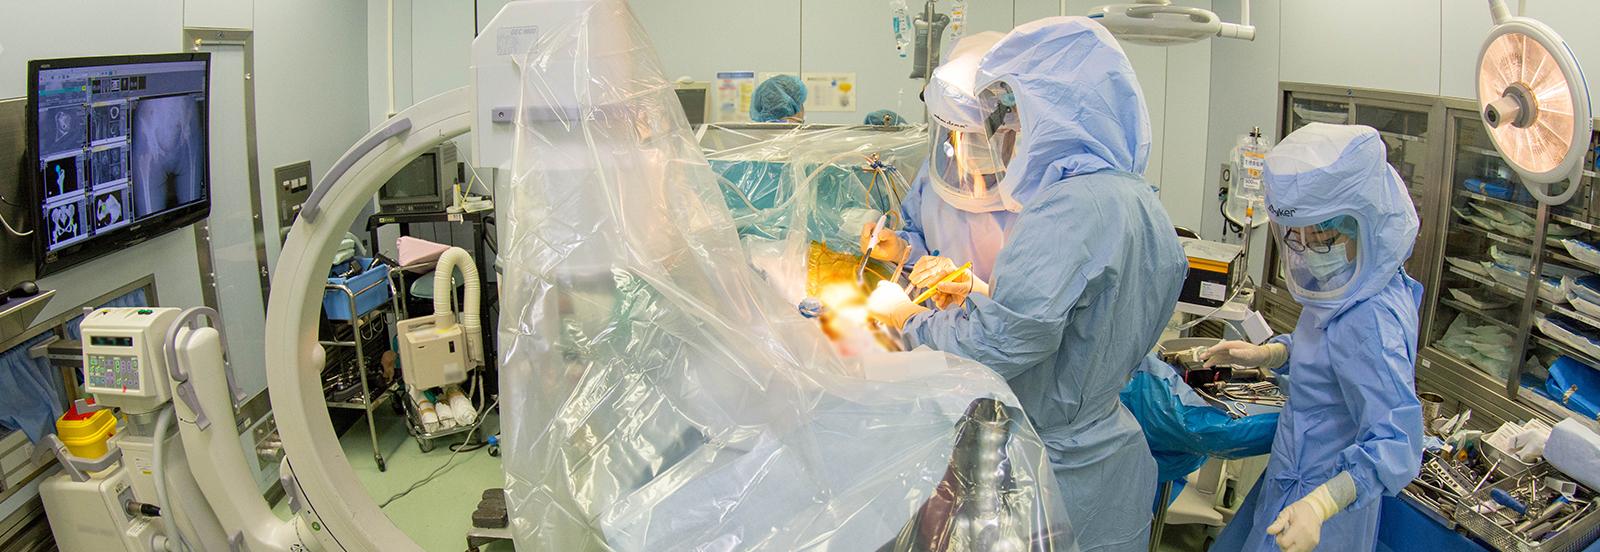 人工関節センターにおける防護服着用の手術風景